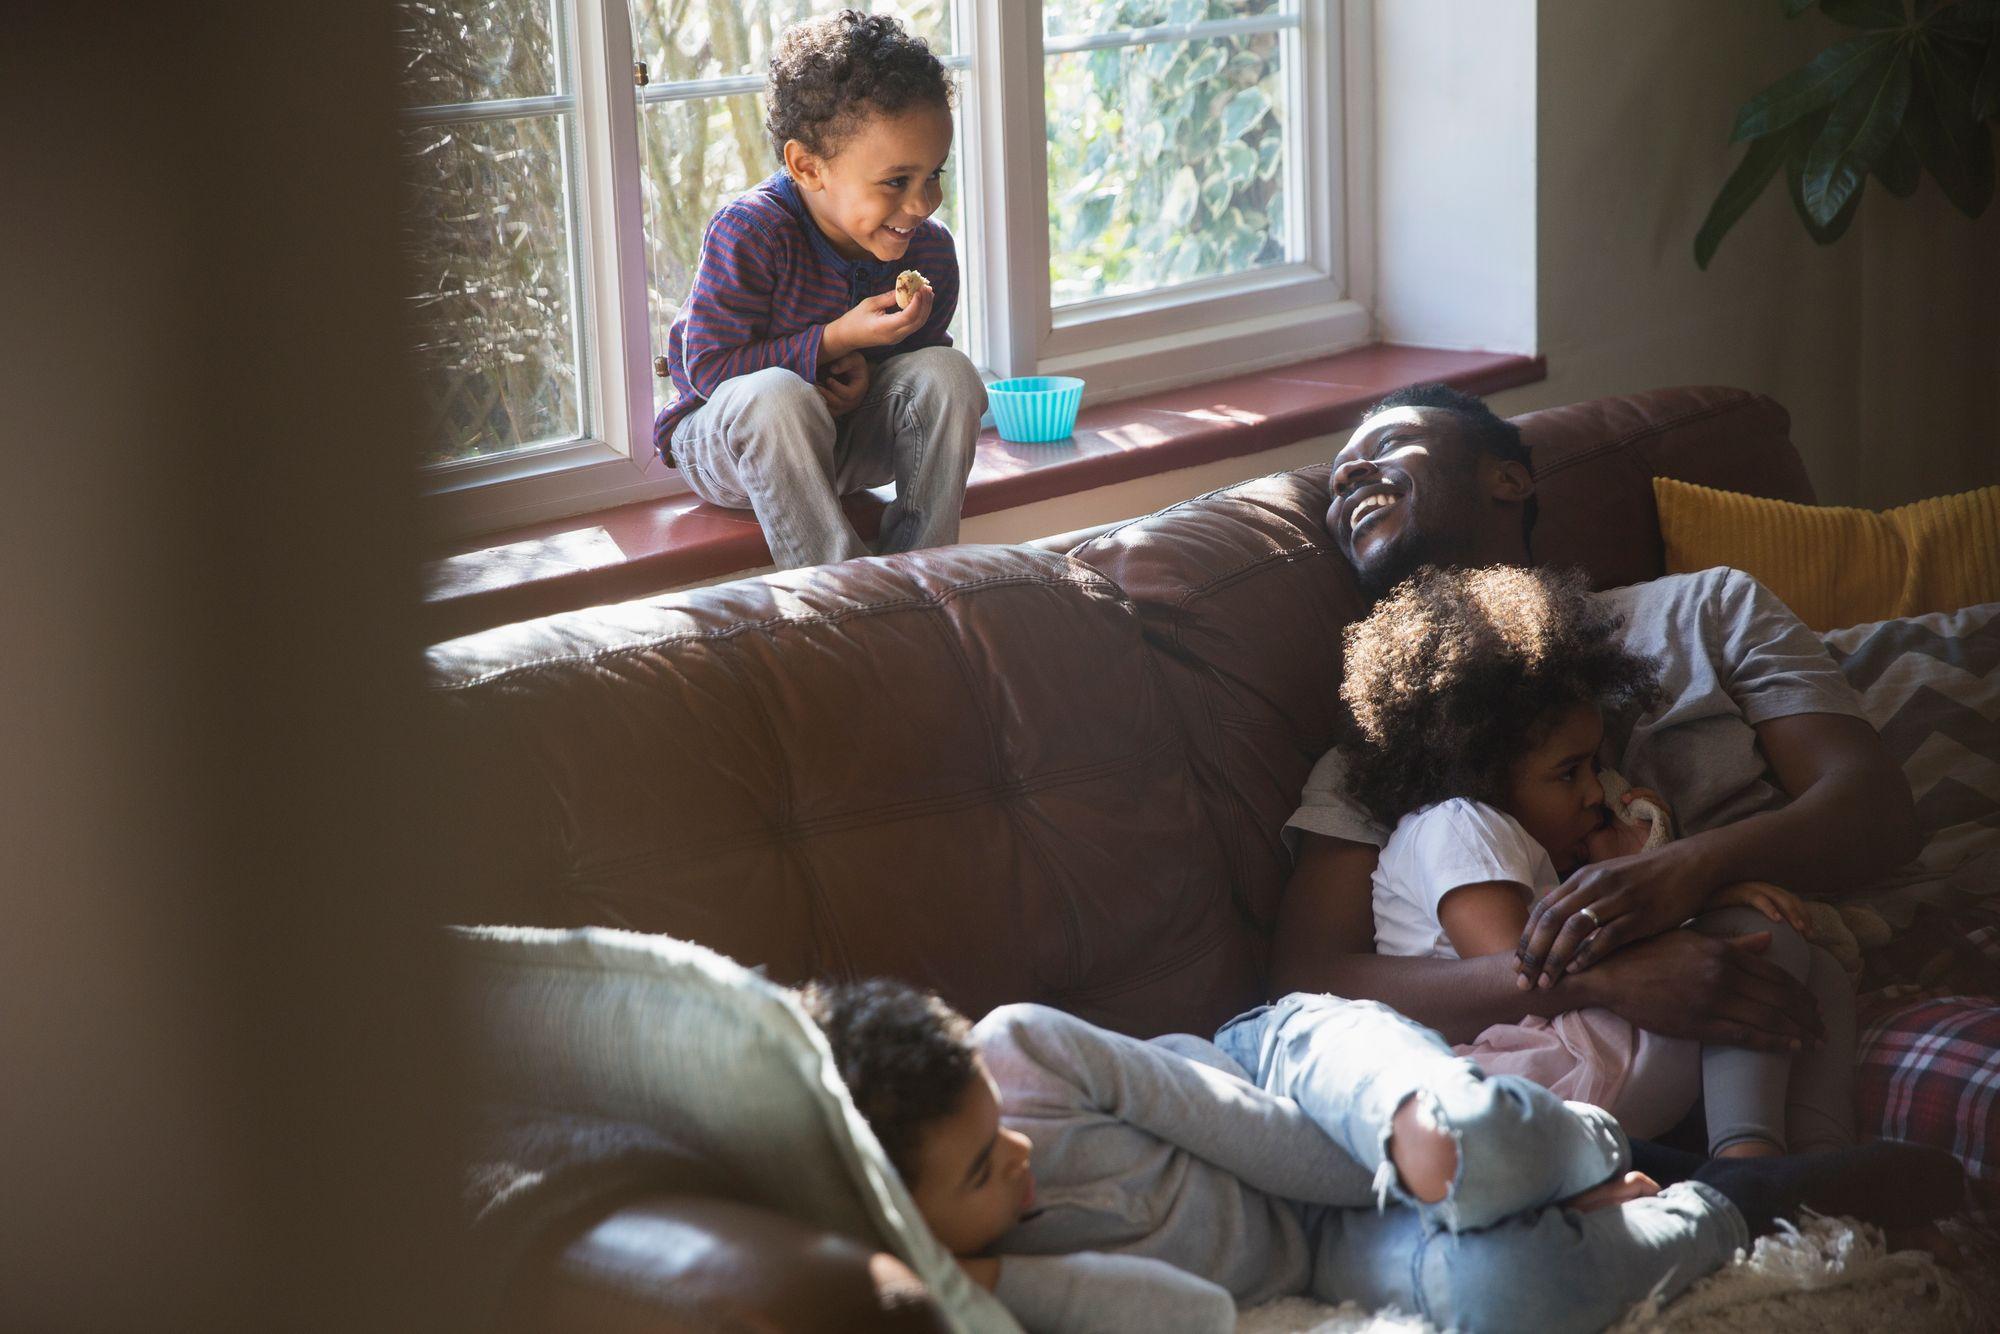 Kinder-Urlaub-Haustausch-Familie-Ferien